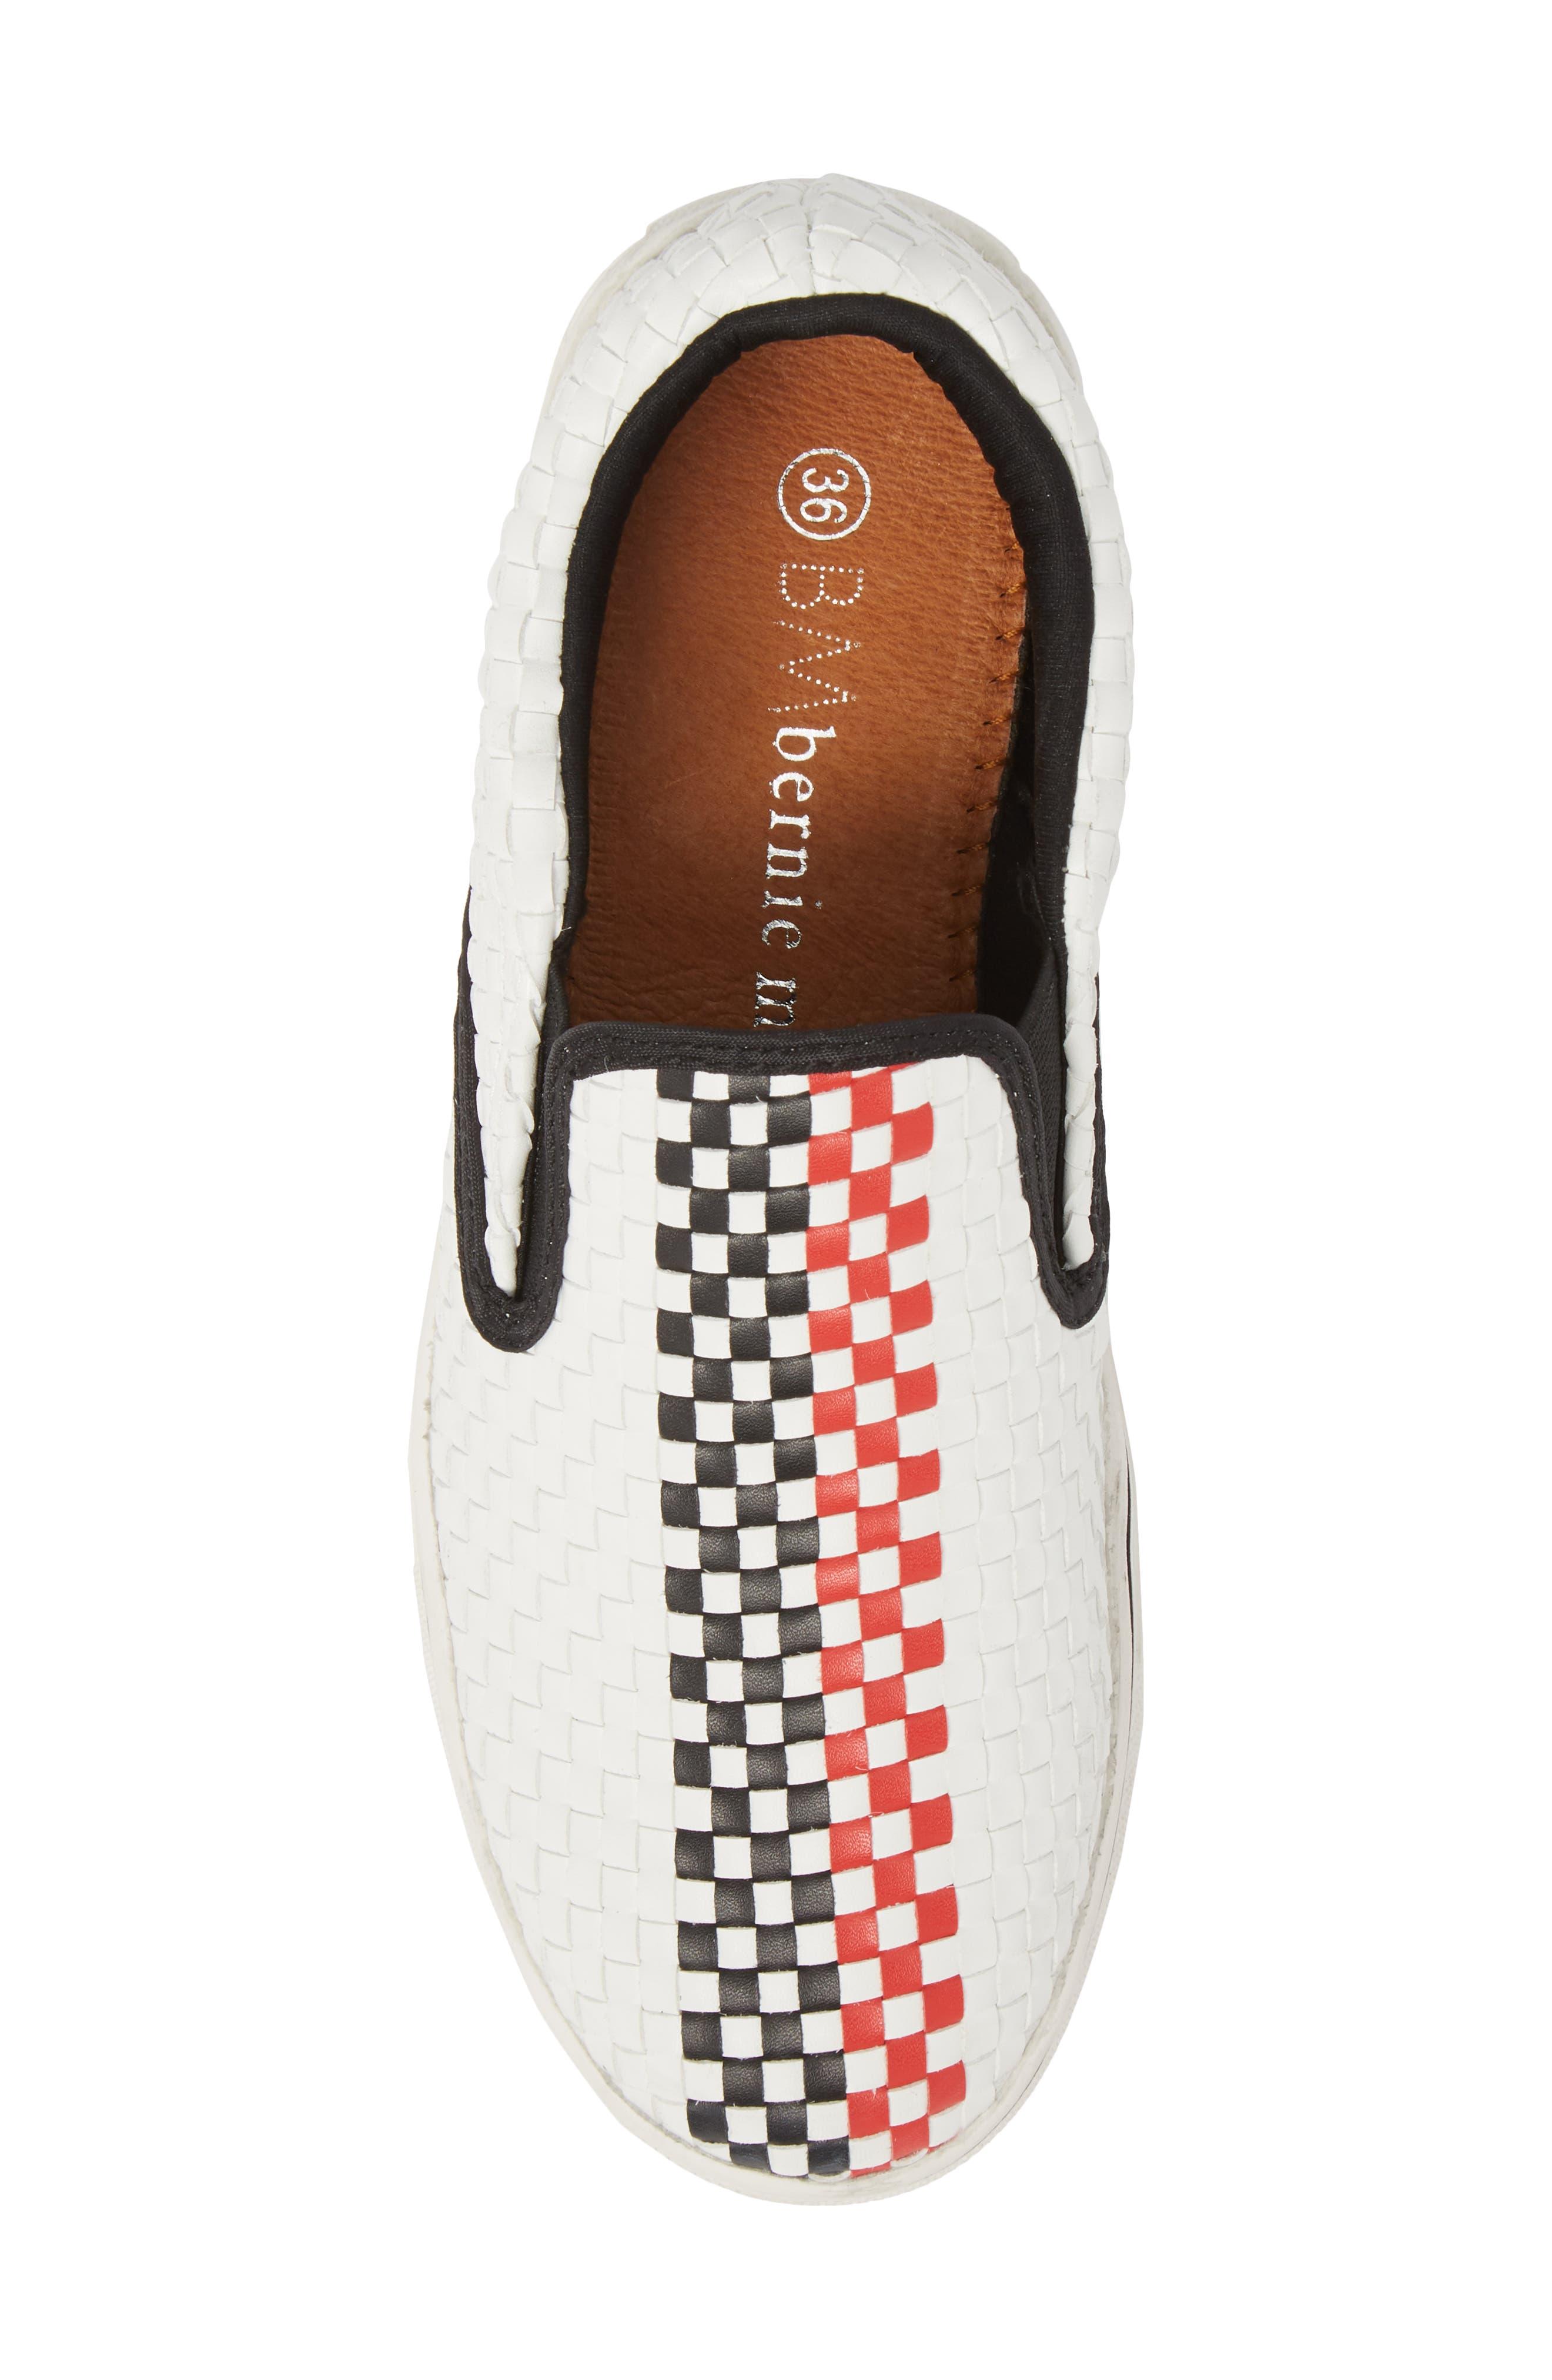 Checkerboard Slip-On Sneaker,                             Alternate thumbnail 5, color,                             White/ Red/ Black